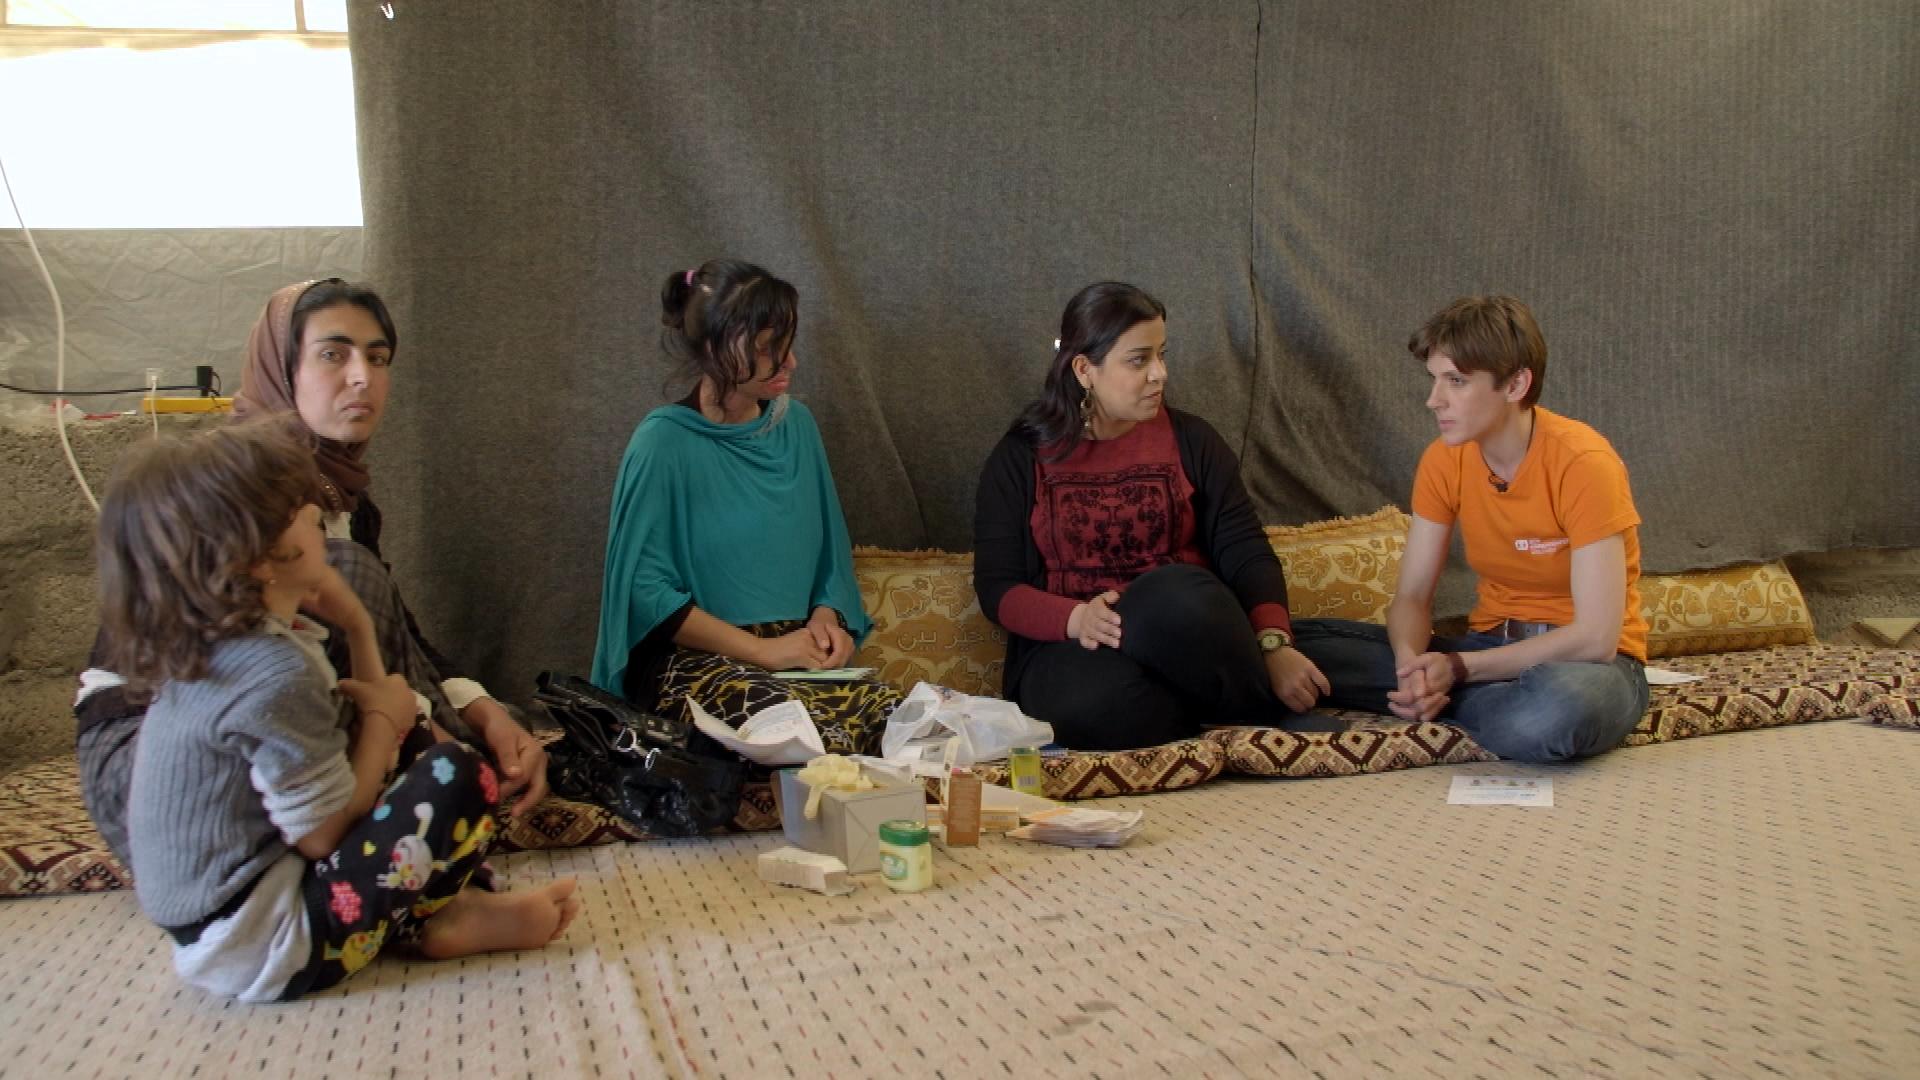 ?Nordirak: Häufige Selbstmorde unter jesidischen Frauen und Kindern / Nothilfe-Programm der SOS-Kinderdörfer